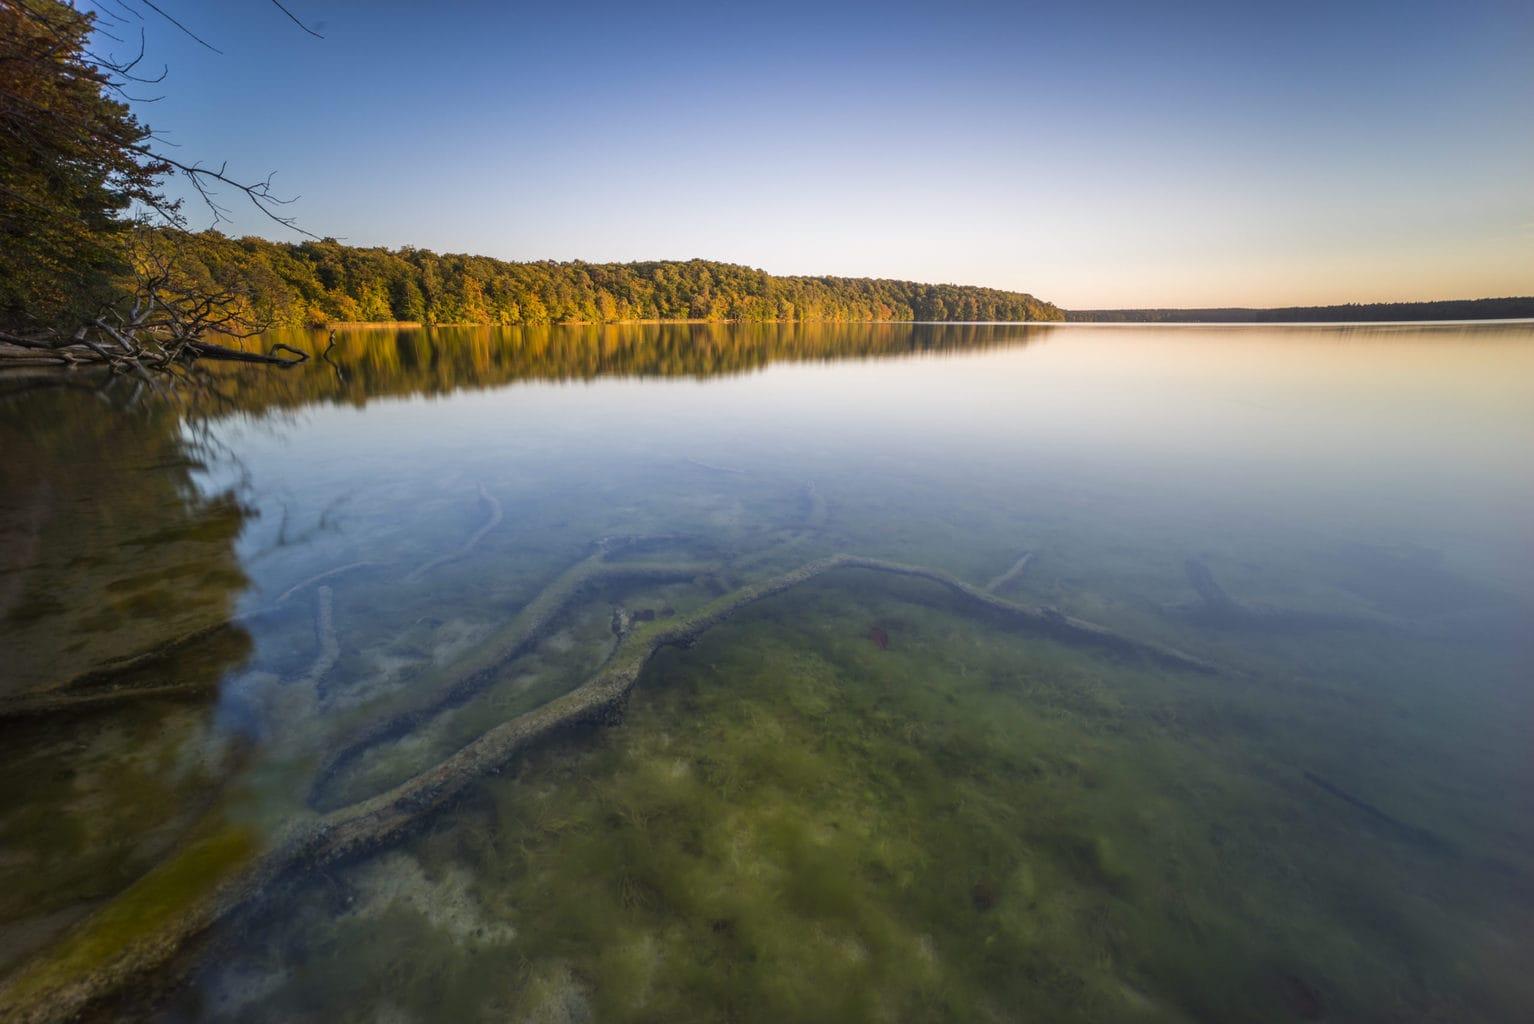 Het meer Stechlinsee aan de Mecklenburgische Seenplatte